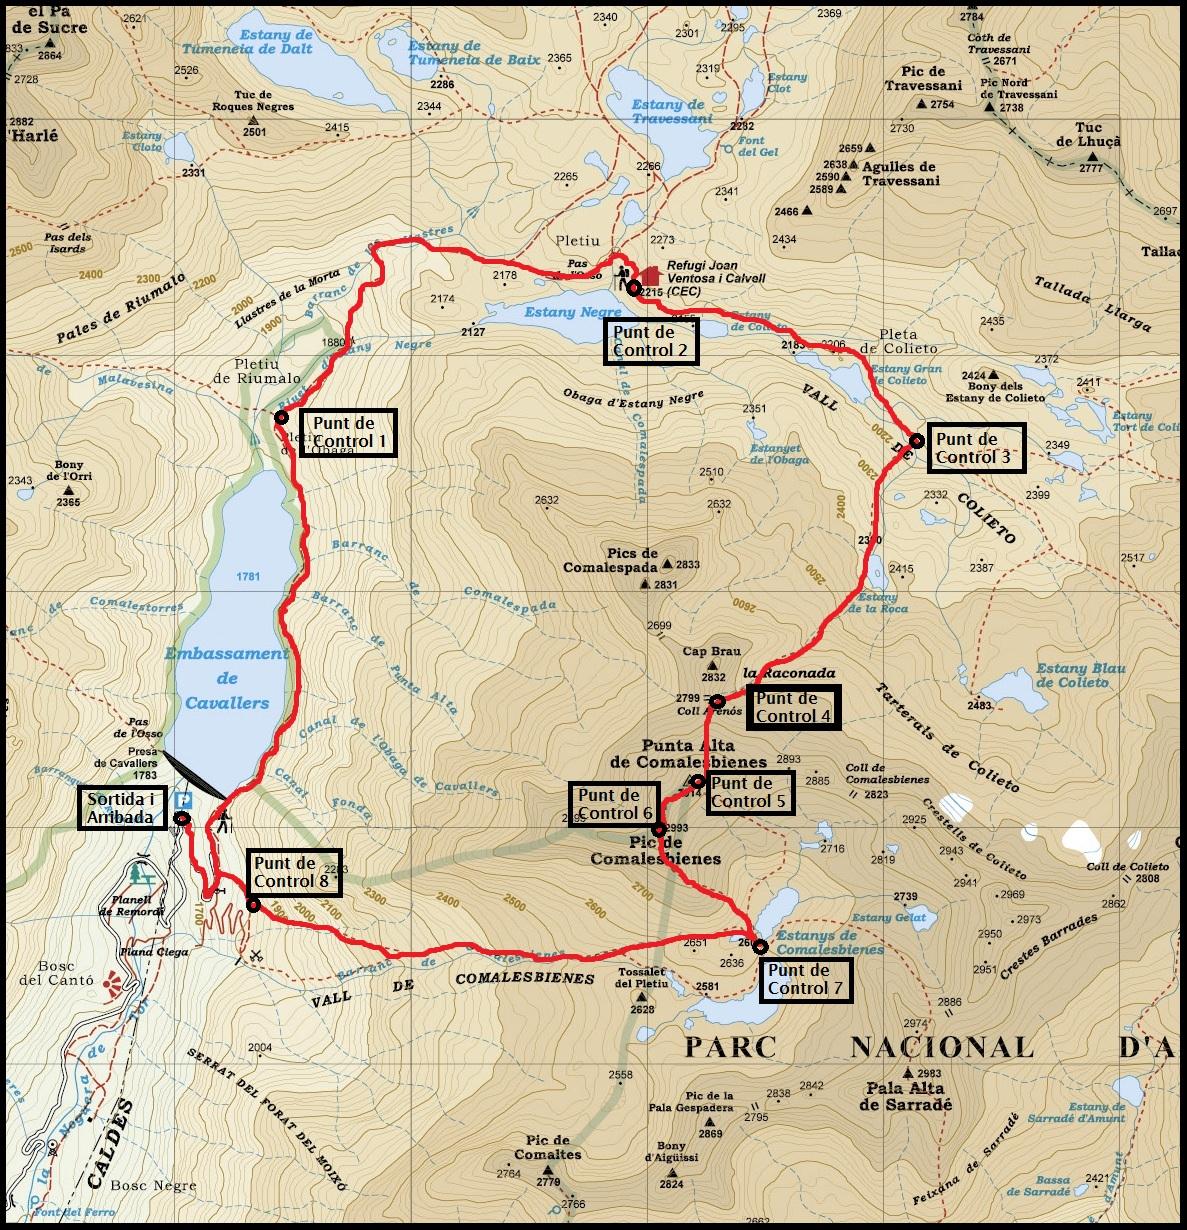 De fita en fita la punta alta 3014 m mapa amb els punts de referncia thecheapjerseys Images